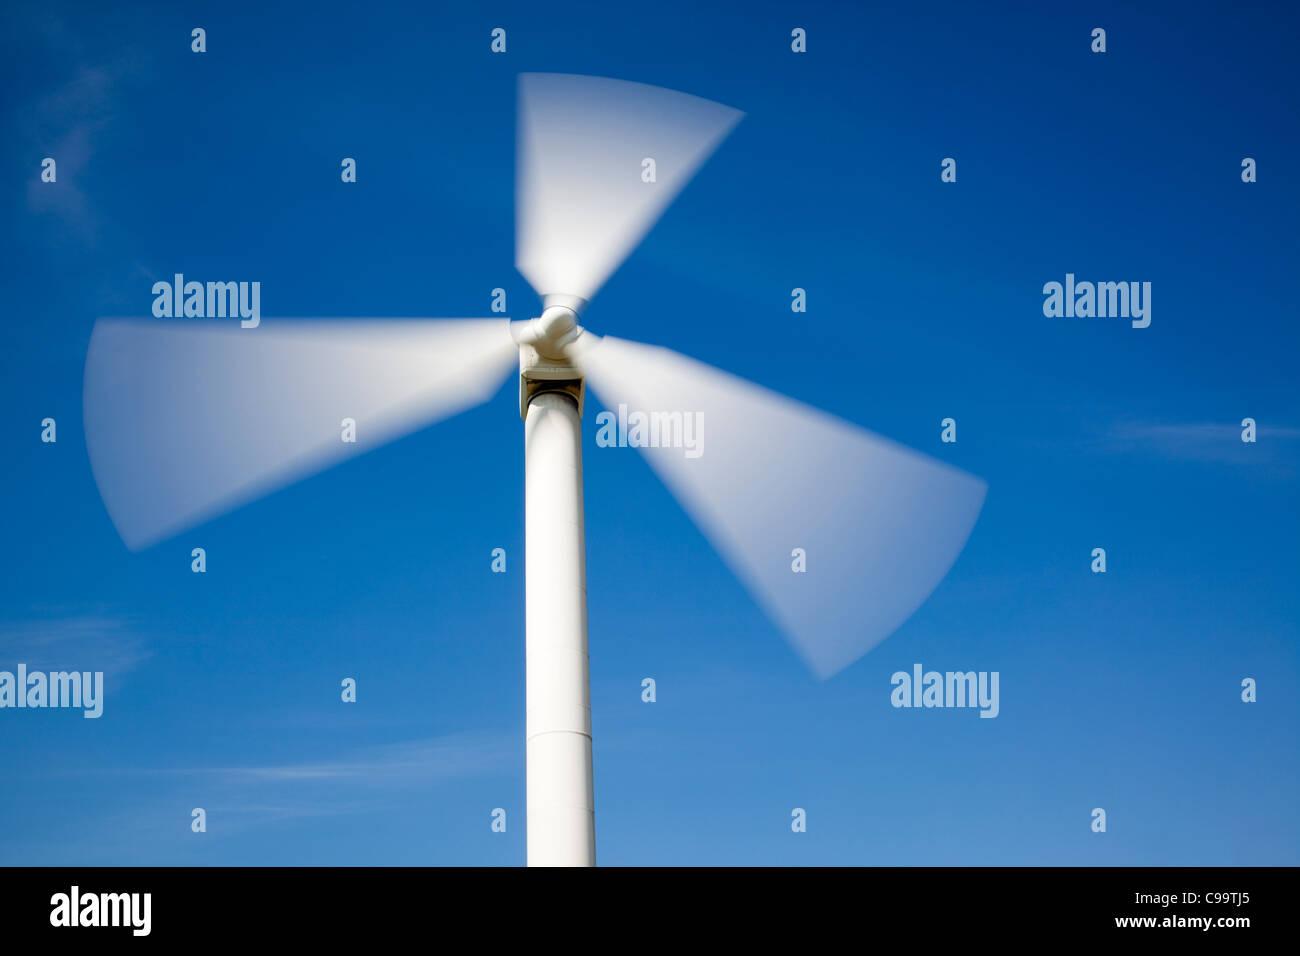 Fattoria eolica, Turbina Eolica contro il cielo blu Immagini Stock